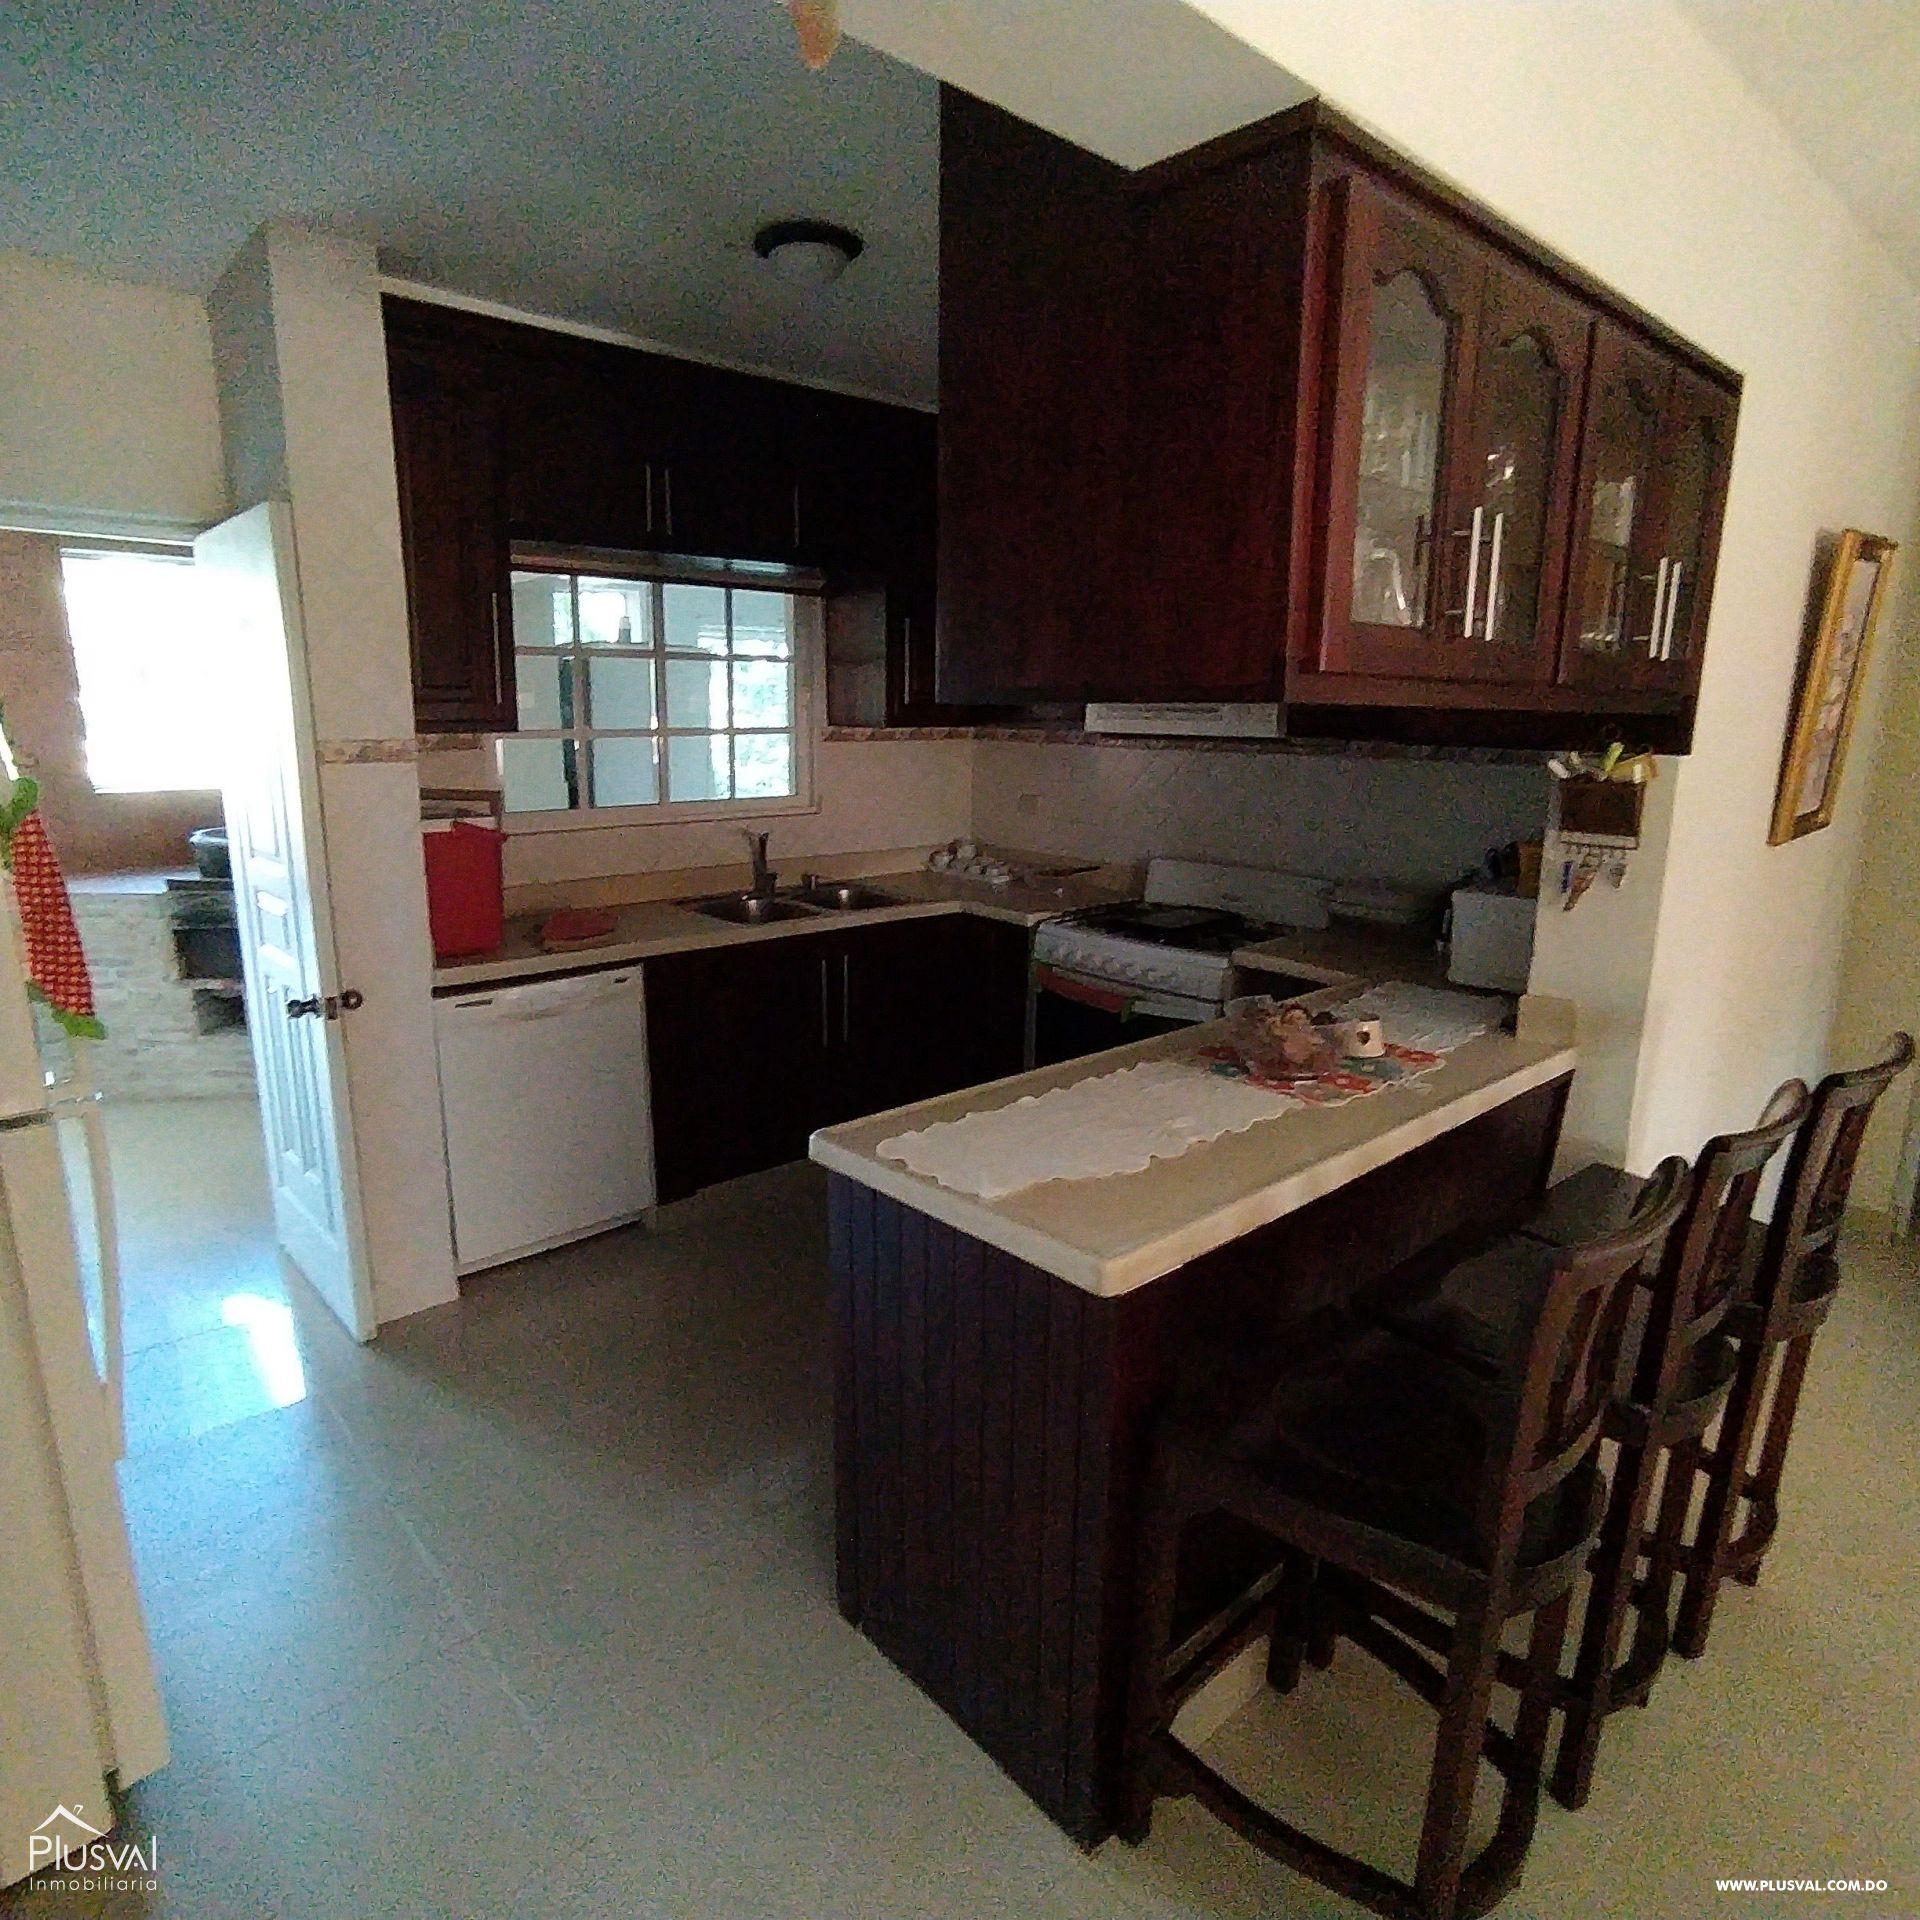 Residencia privada para el disfrute familiar 171857